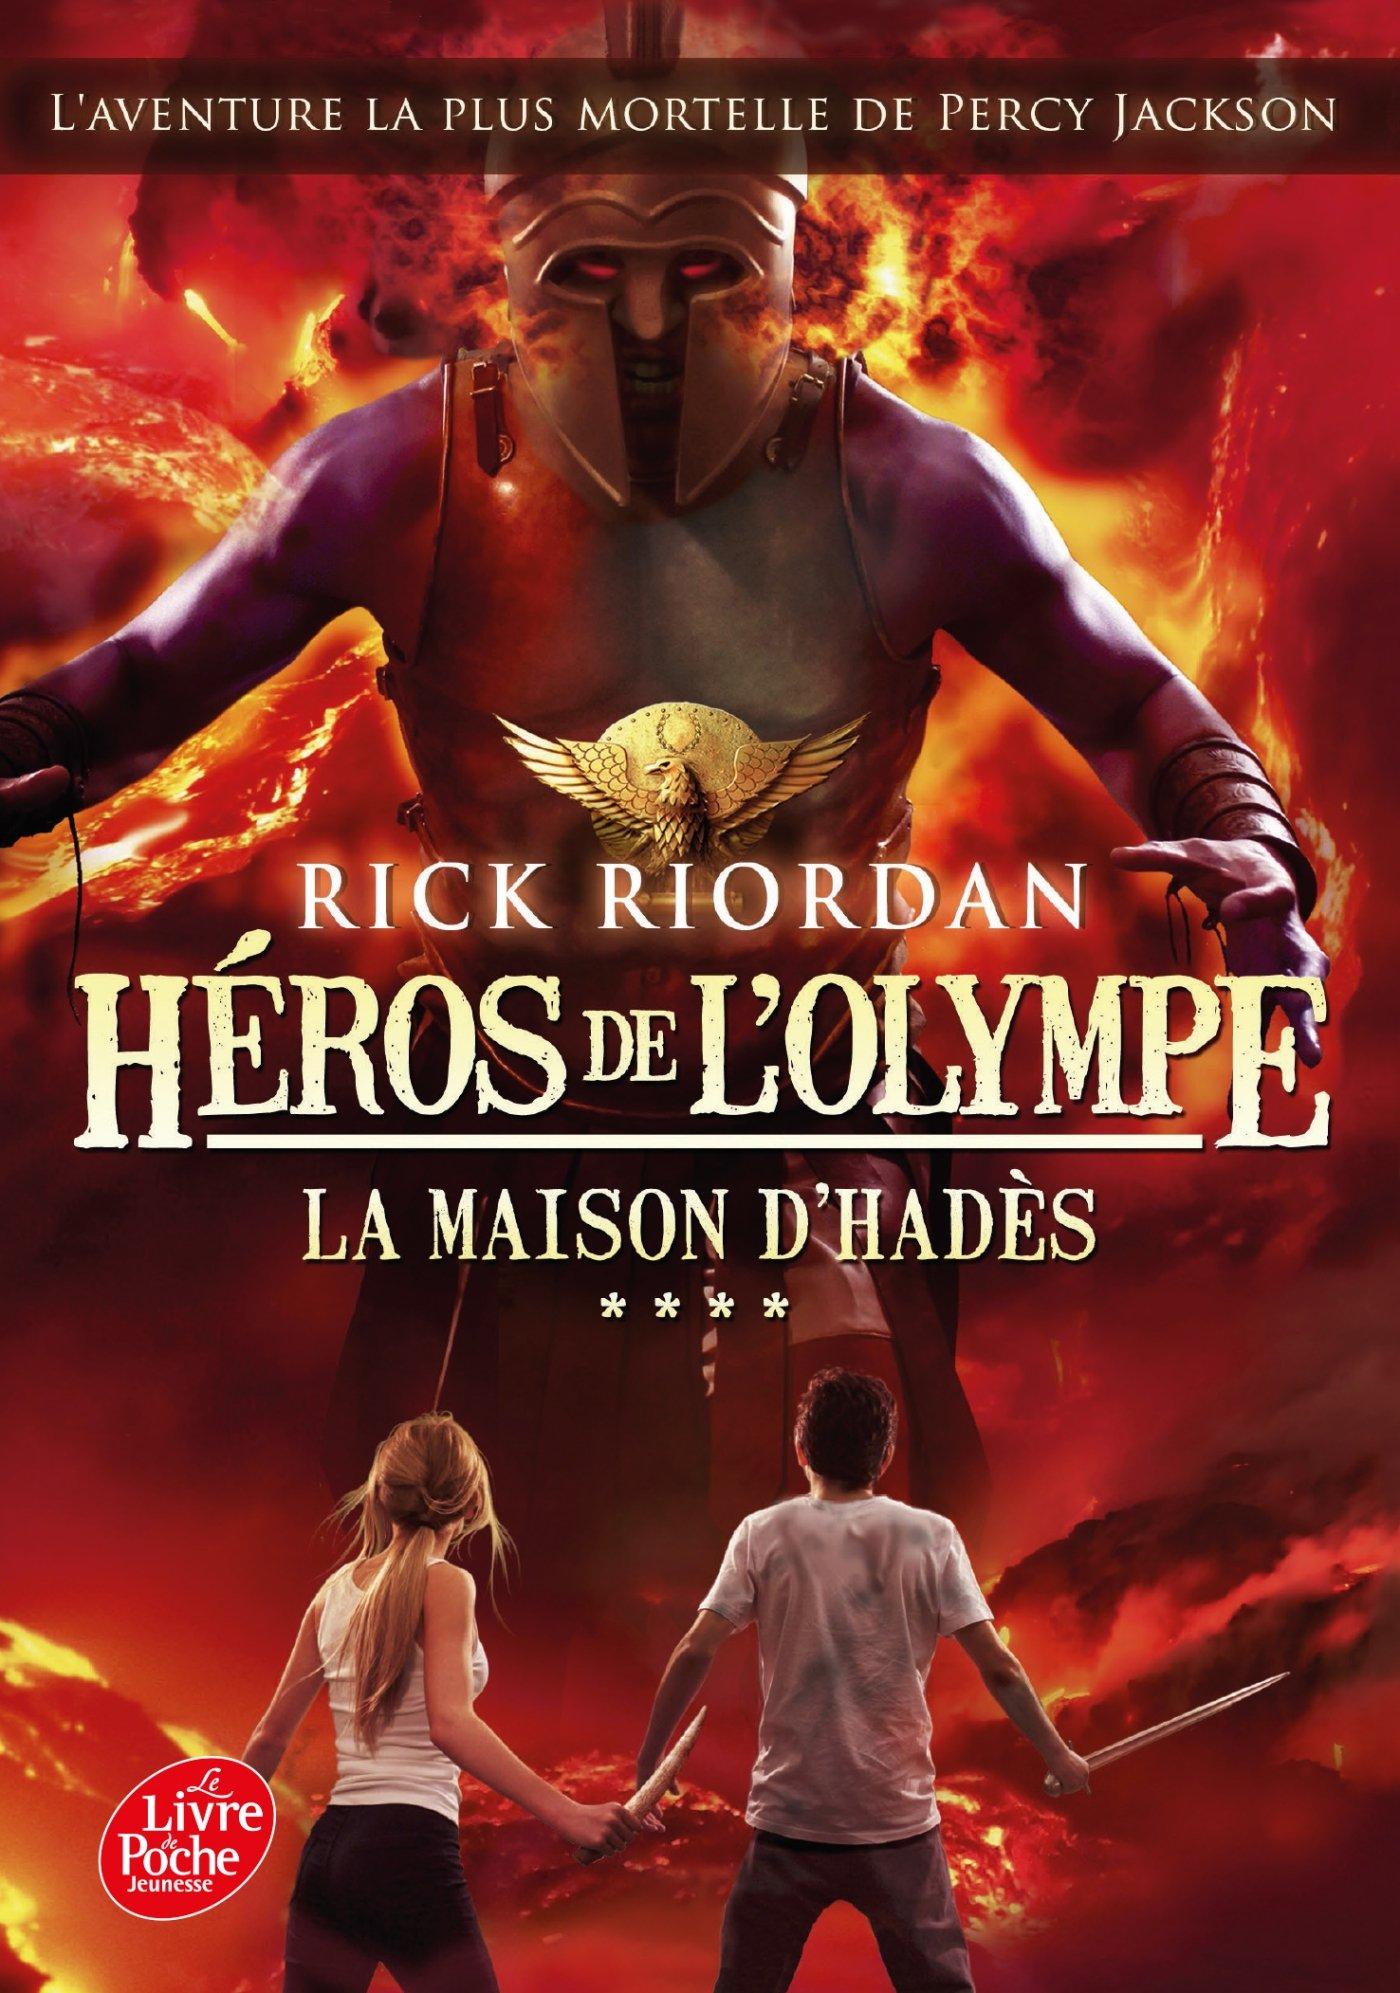 """Résultat de recherche d'images pour """"heros de l'olympe 4"""""""